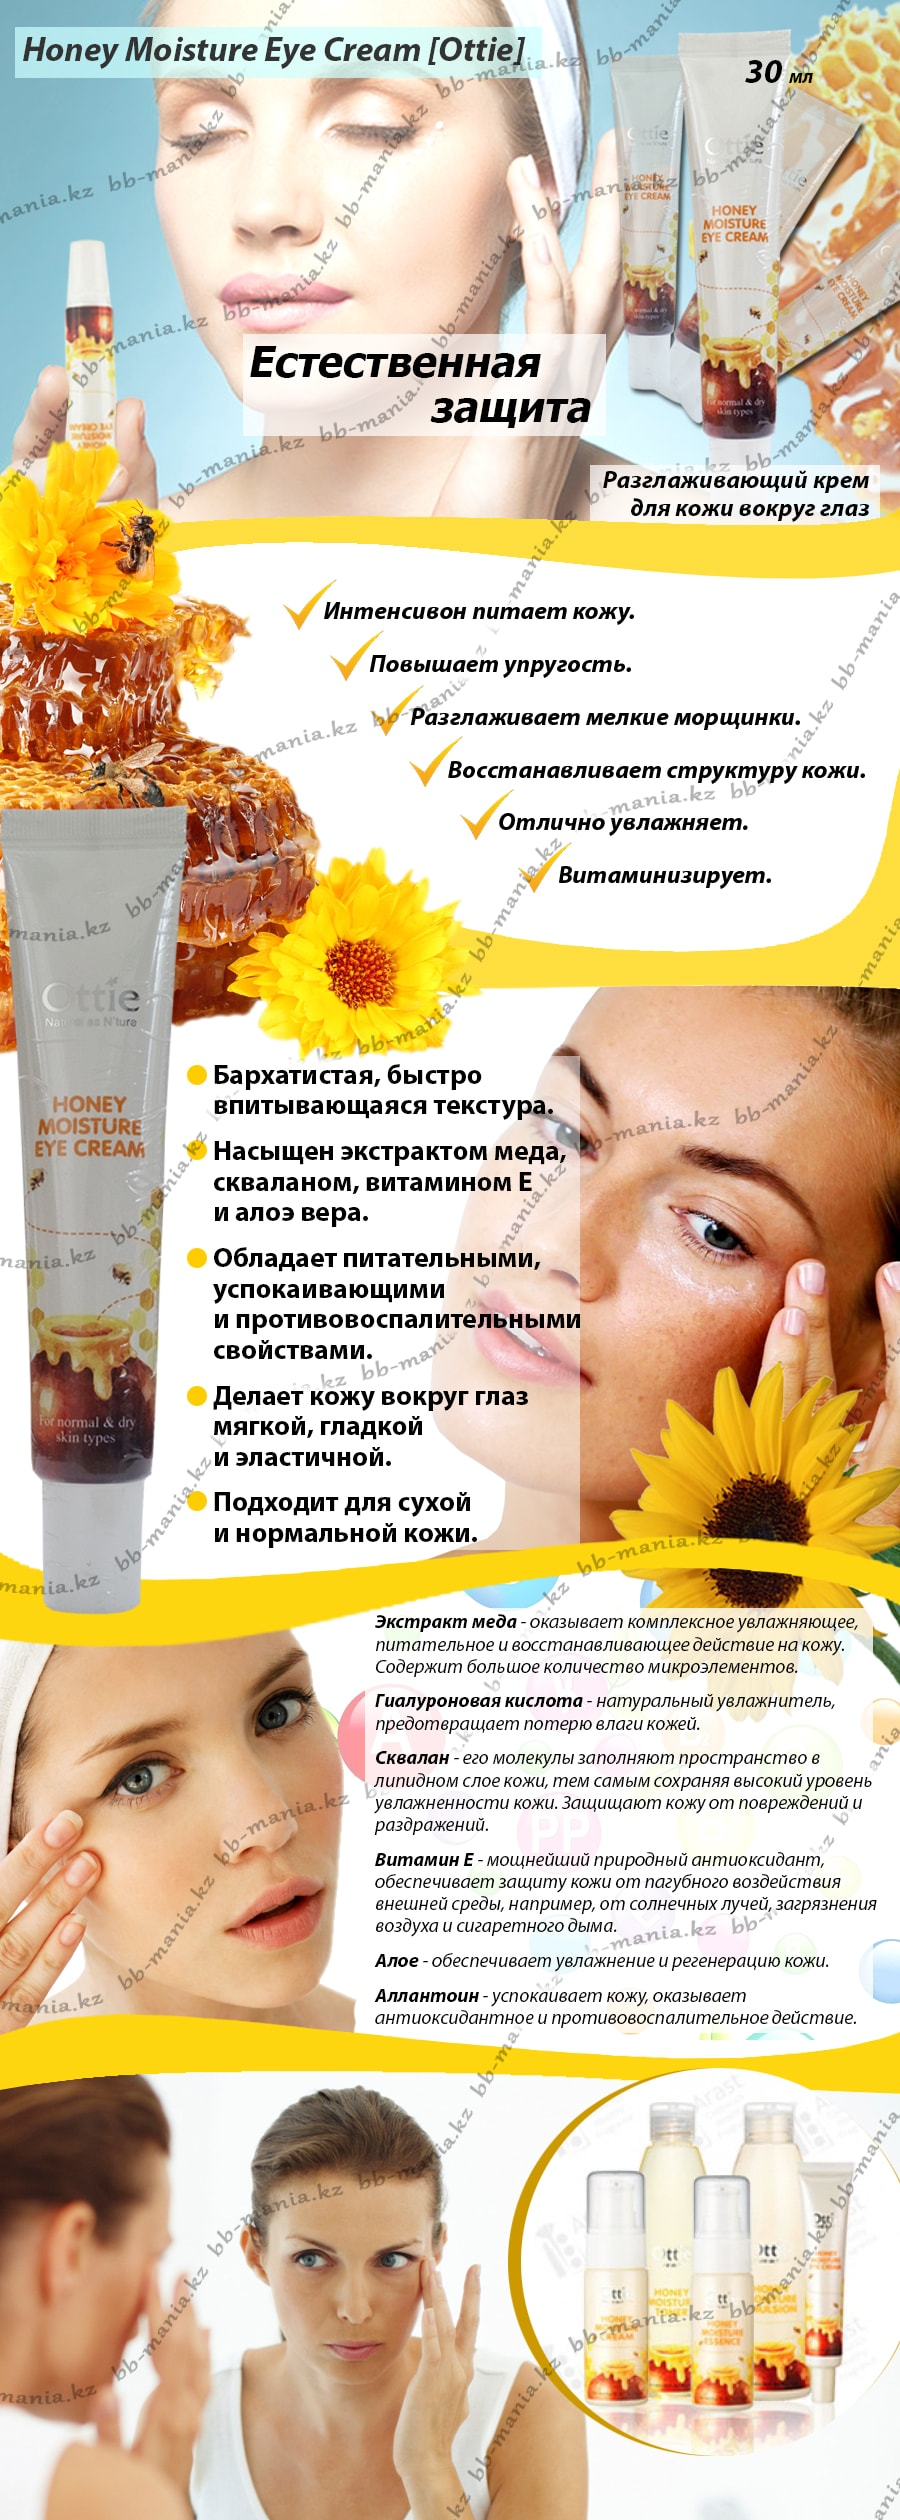 Как повысить упругость кожи лица в